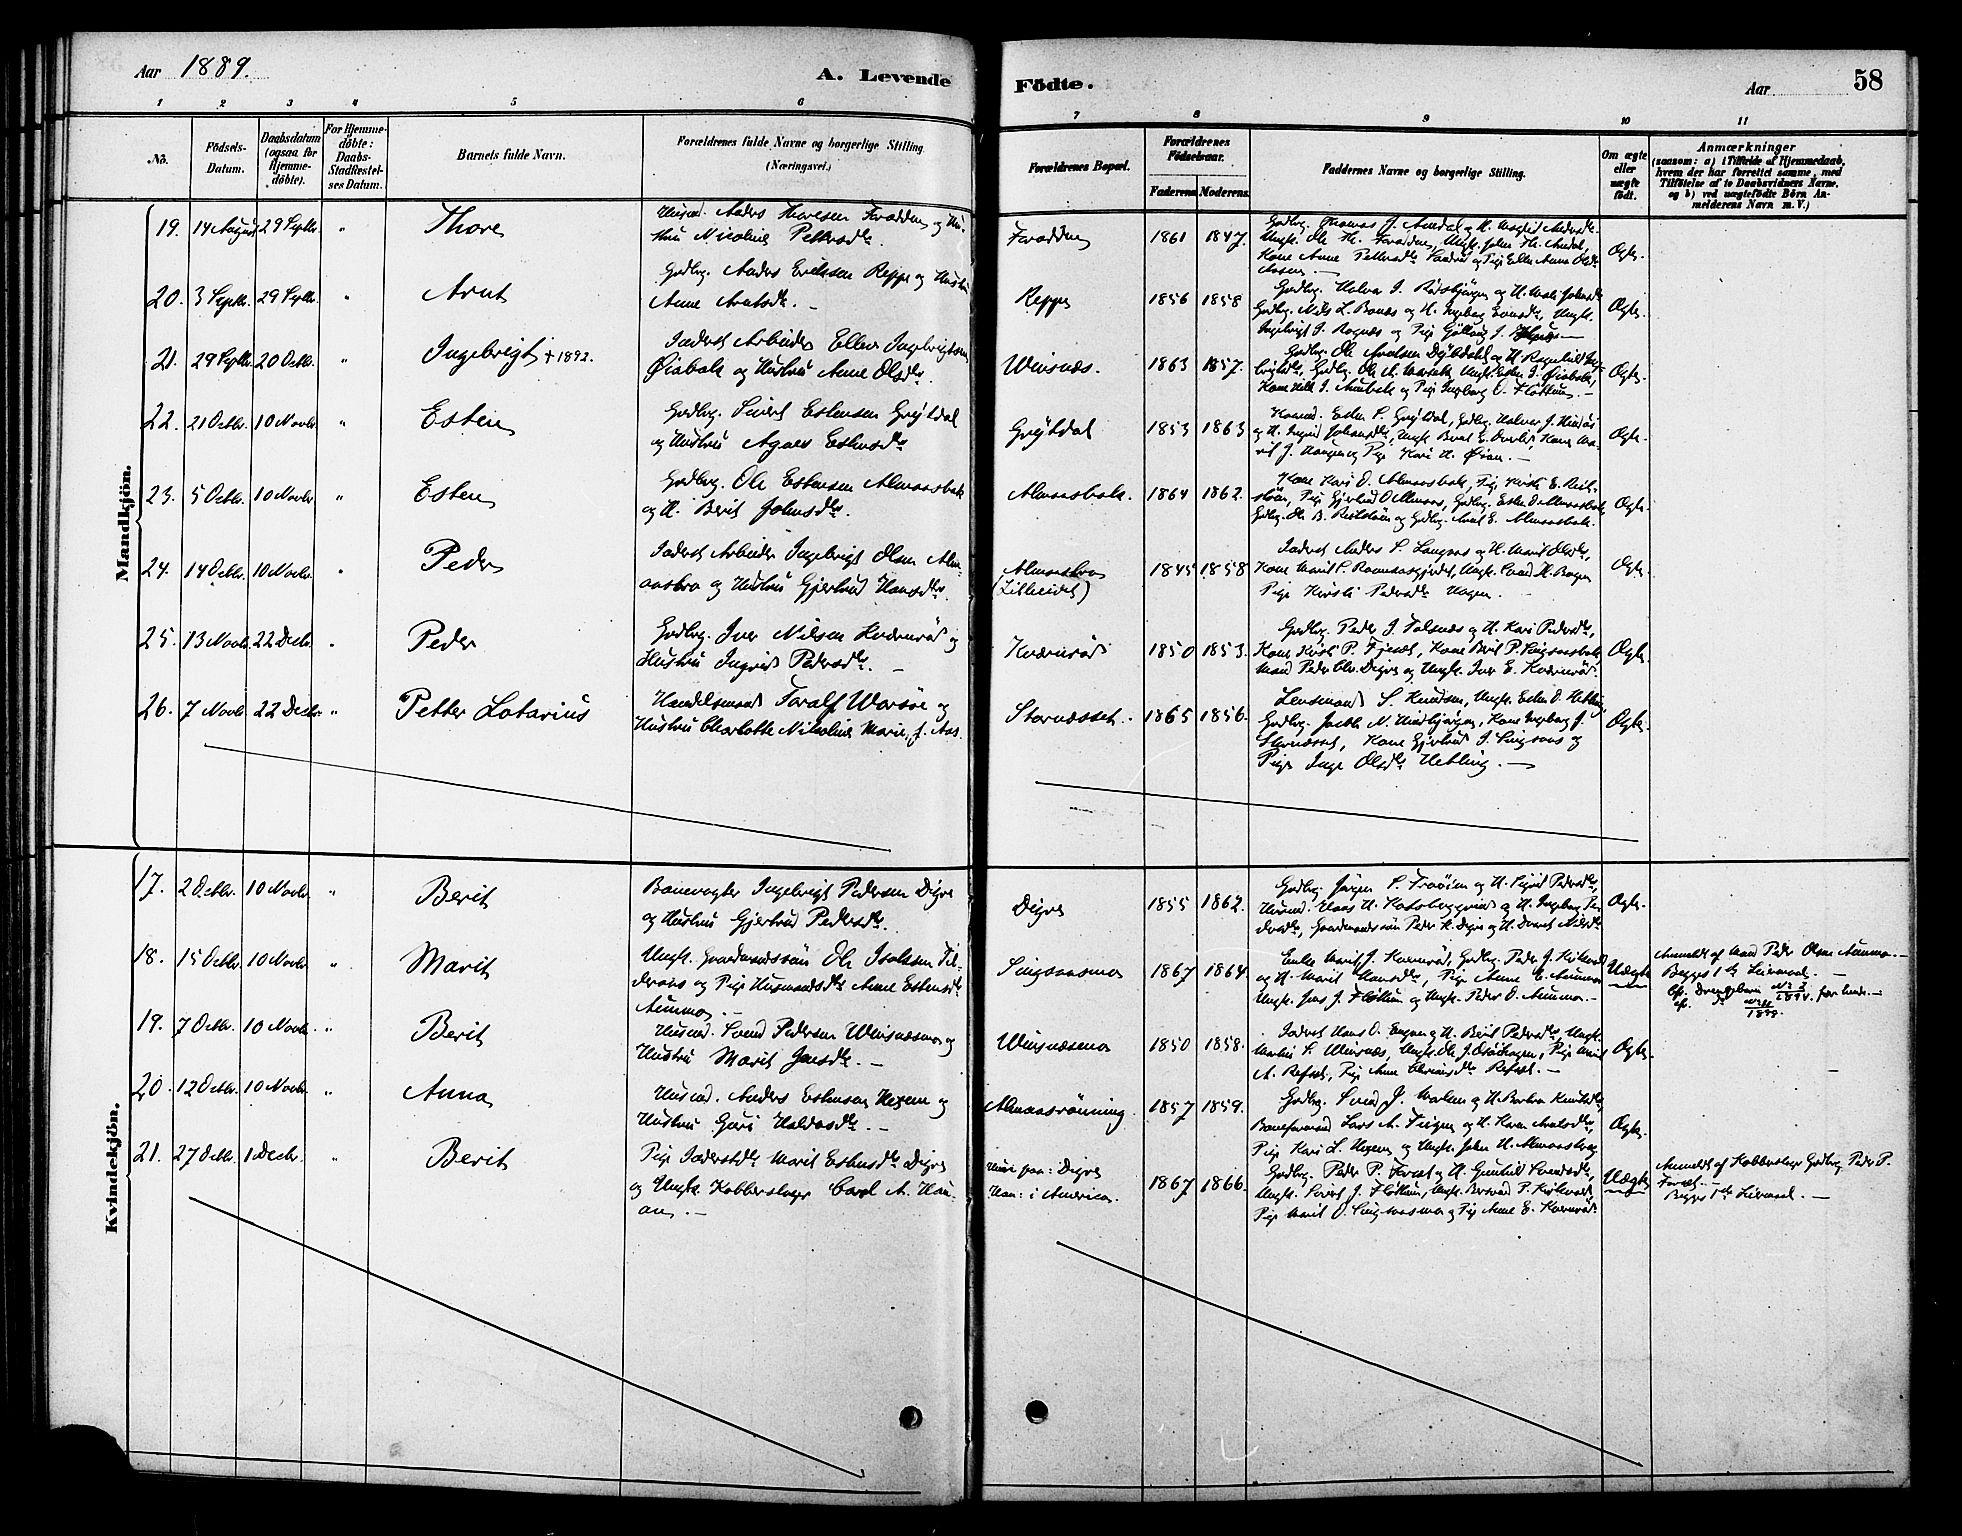 SAT, Ministerialprotokoller, klokkerbøker og fødselsregistre - Sør-Trøndelag, 688/L1024: Ministerialbok nr. 688A01, 1879-1890, s. 58